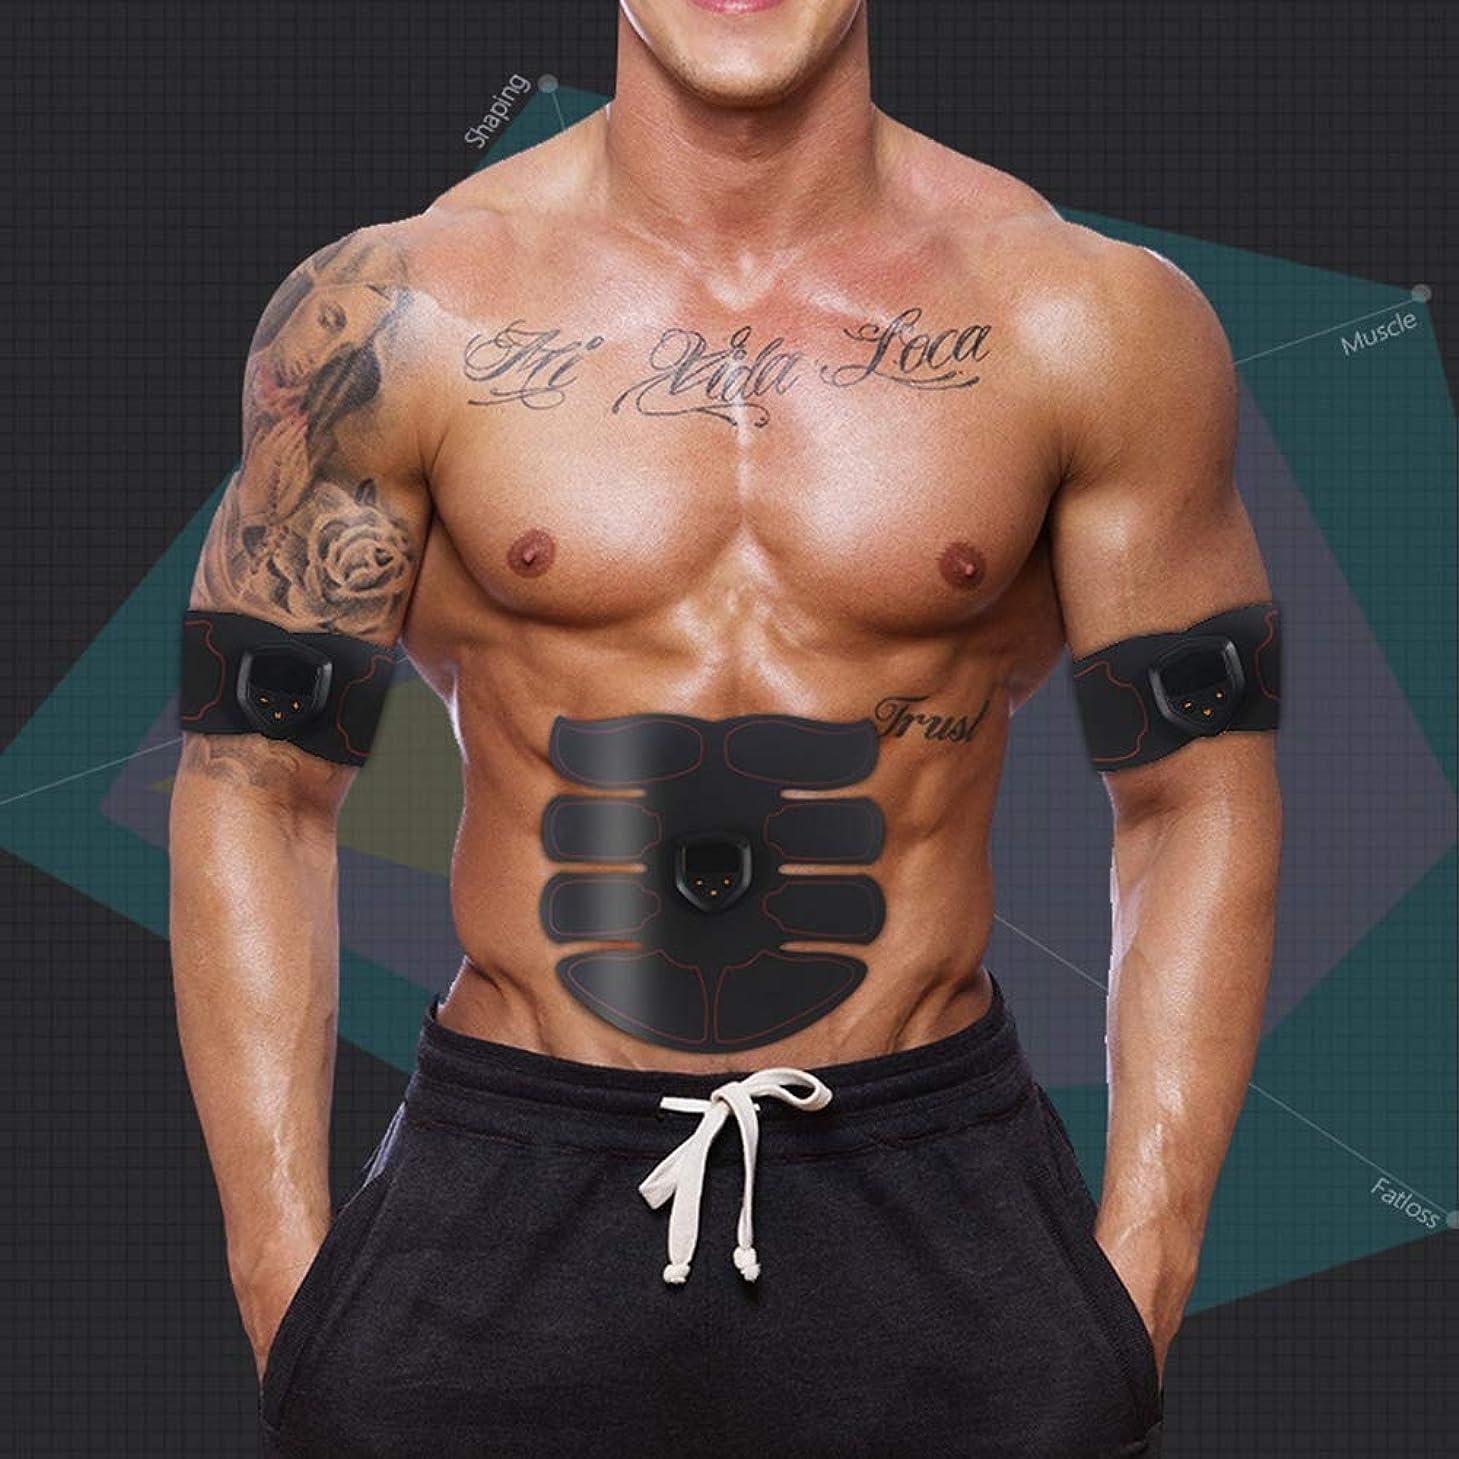 ビヨンカンガルーイソギンチャクスマート腹部usb充電式筋肉刺激装置ems absトレーナー減量機フルウエストスポーツマッサージャーユニセックスフィットネス機器